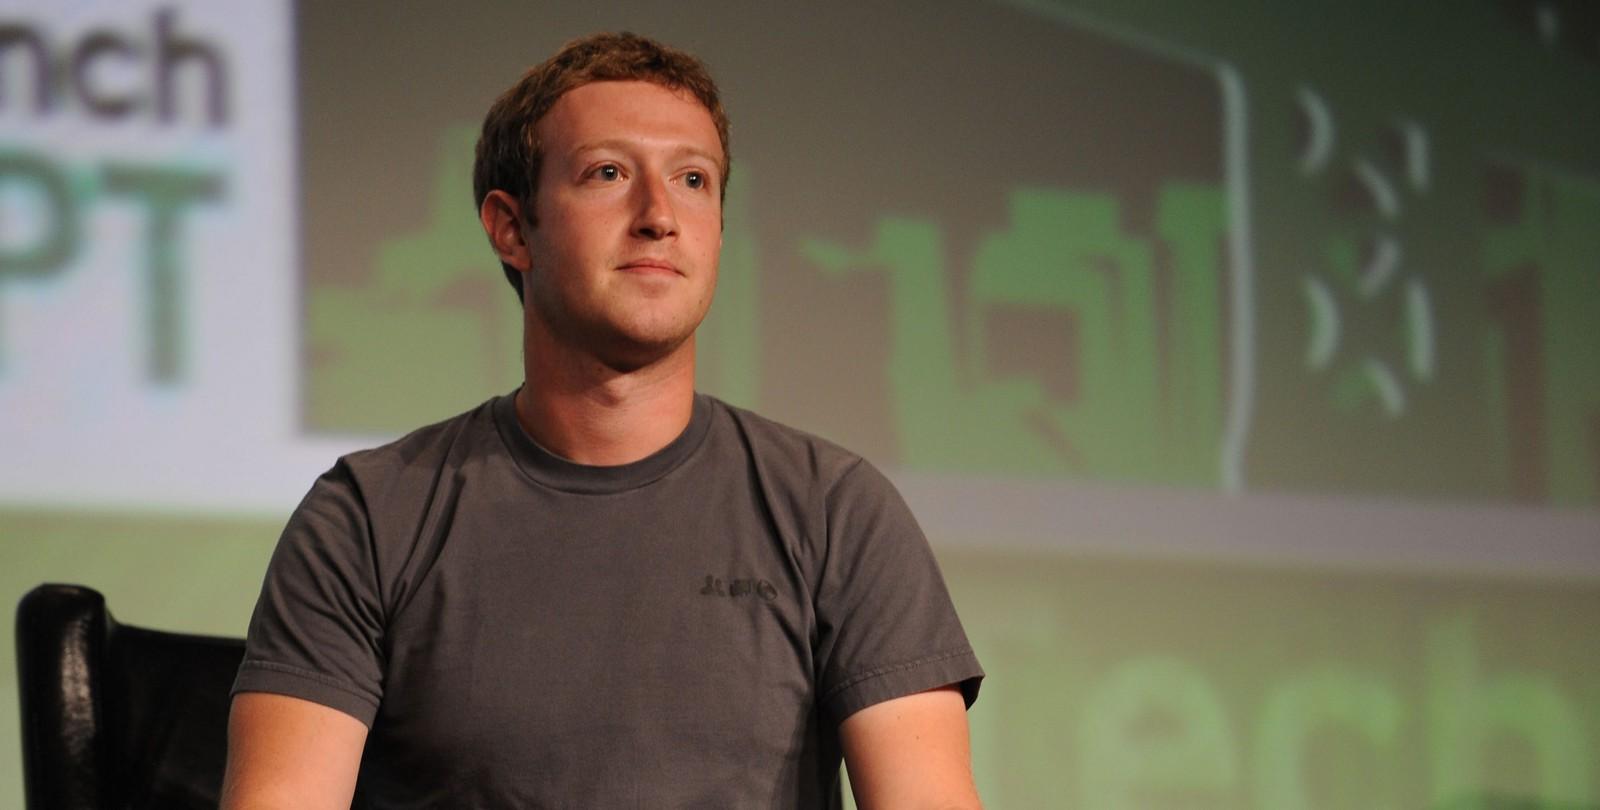 На всех не угодишь, или чему нас учит редизайн ленты от Facebook 2006 года - 3